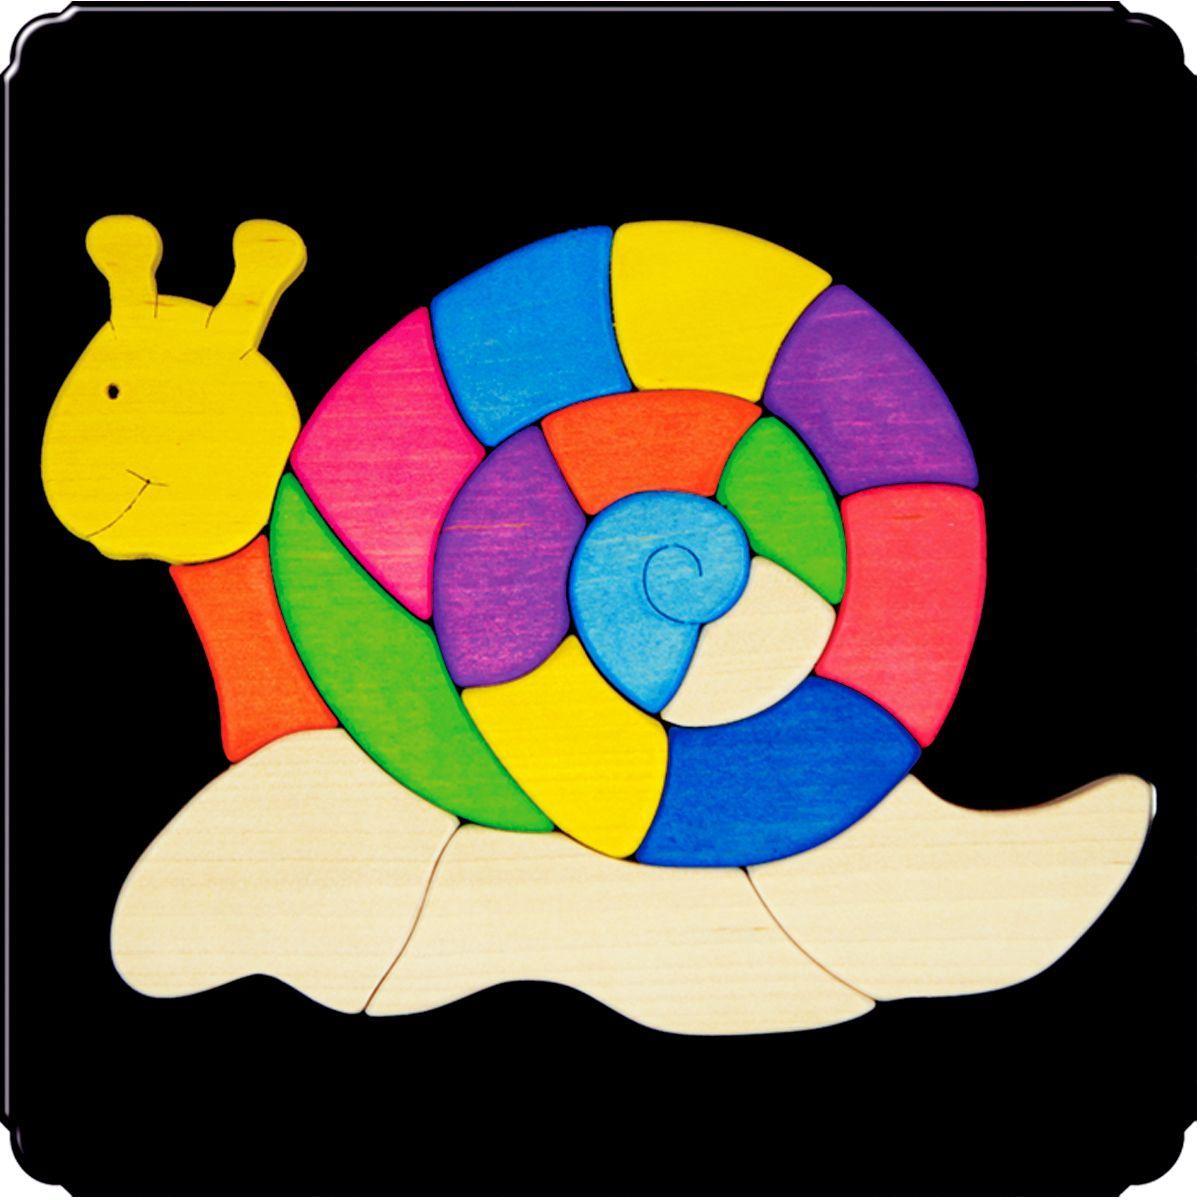 Деревяшкино Пазл для малышей Улитка112Красочная игрушка-головоломка из натурального дерева на магнитной доске. Незаменима в машине, поездке – в любом месте, где Вашему малышу удобно играть. Удивительный мир ярких красок и фантазий везде с Вами! Каждая деталька мозаики крепко держится на магнитной доске. Ваш юный фантазер сможет не только решить сложную задачу: собрать головоломку как на картинке, но и, используя фантазию, сможет создать уникальные и неповторимые композиции. Объединяйте несколько наборов – будет интереснее! Все детали выполнены из натурального дерева, окрашены безопасной пищевой краской. Деревянные игрушки дают возможность ощутить структуру, плотность, вес, запах материала. Ребенок получает правдивую информацию об окружающем мире. Развивает: мелкую моторику, абстрактное и логическое мышление, понимание цветов, геометрических форм. Методические рекомендации: объясните малышу почему детальки держатся на доске. Объясните как правильно собрать мозаику, но не помогайте в трудных местах. Попросите ребенка...